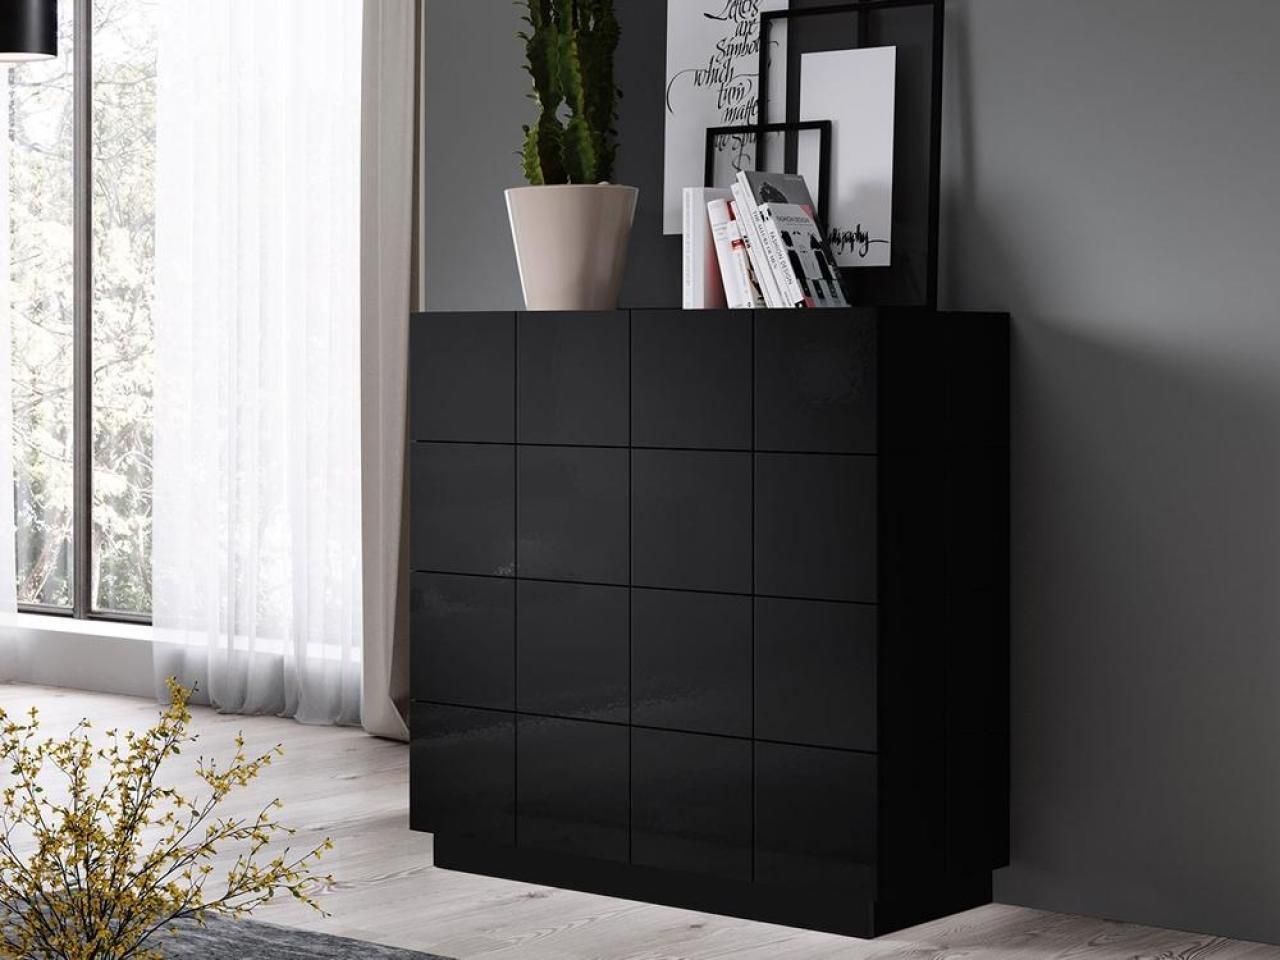 Furnipol-Польская мебель для дома с доставкой - 6